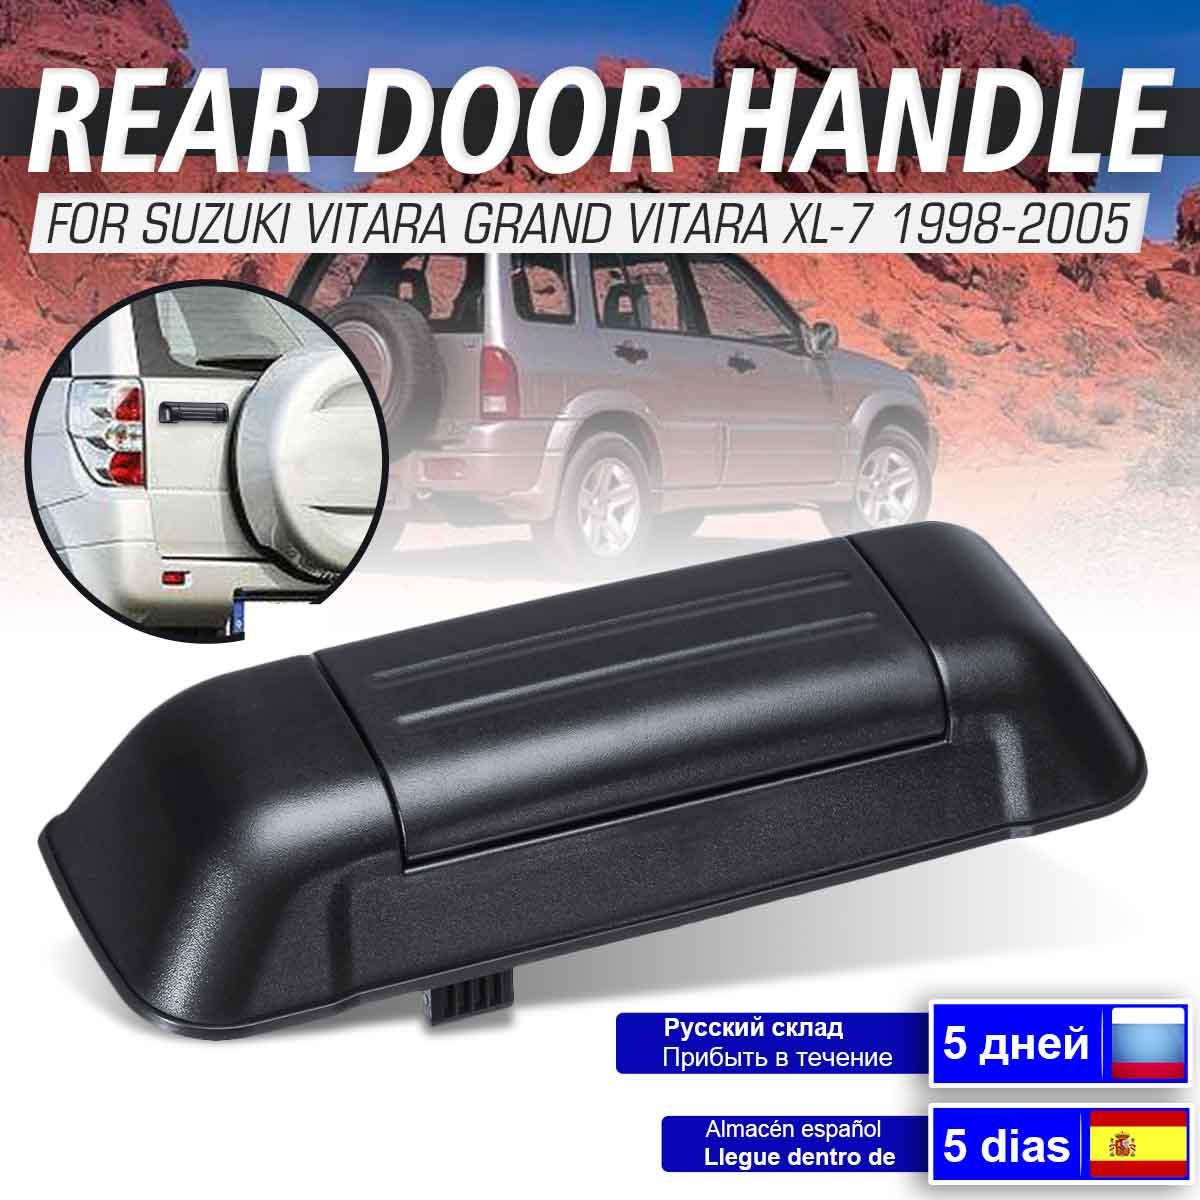 Voiture hayon extérieur coffre arrière poignée de porte pour Suzuki Vitara Grand Vitara XL-7 1998 1999 2000 2001 2002 2003 2004 2005